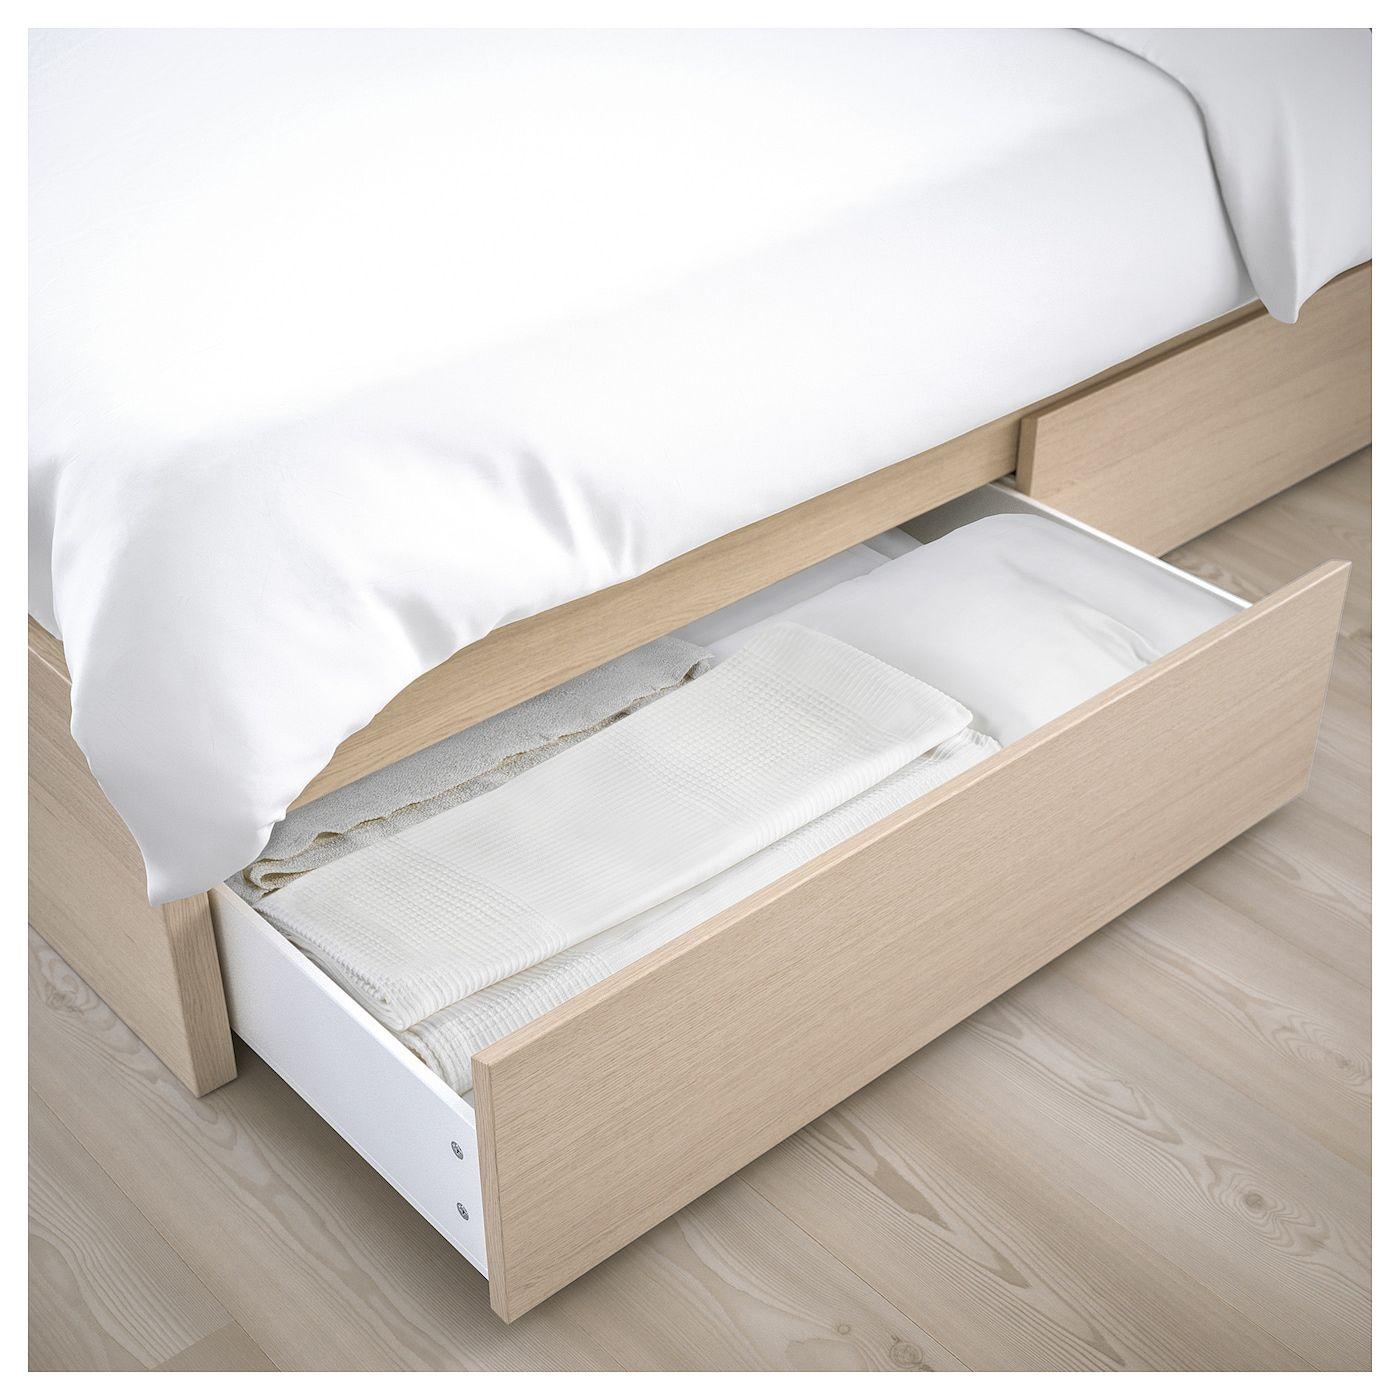 Malm Bettgestell Hoch Mit 4 Schubladen Eichenfurnier Weiss Lasiert Lonset Ikea Osterreich High Bed Frame Malm Bed Malm Bed Frame